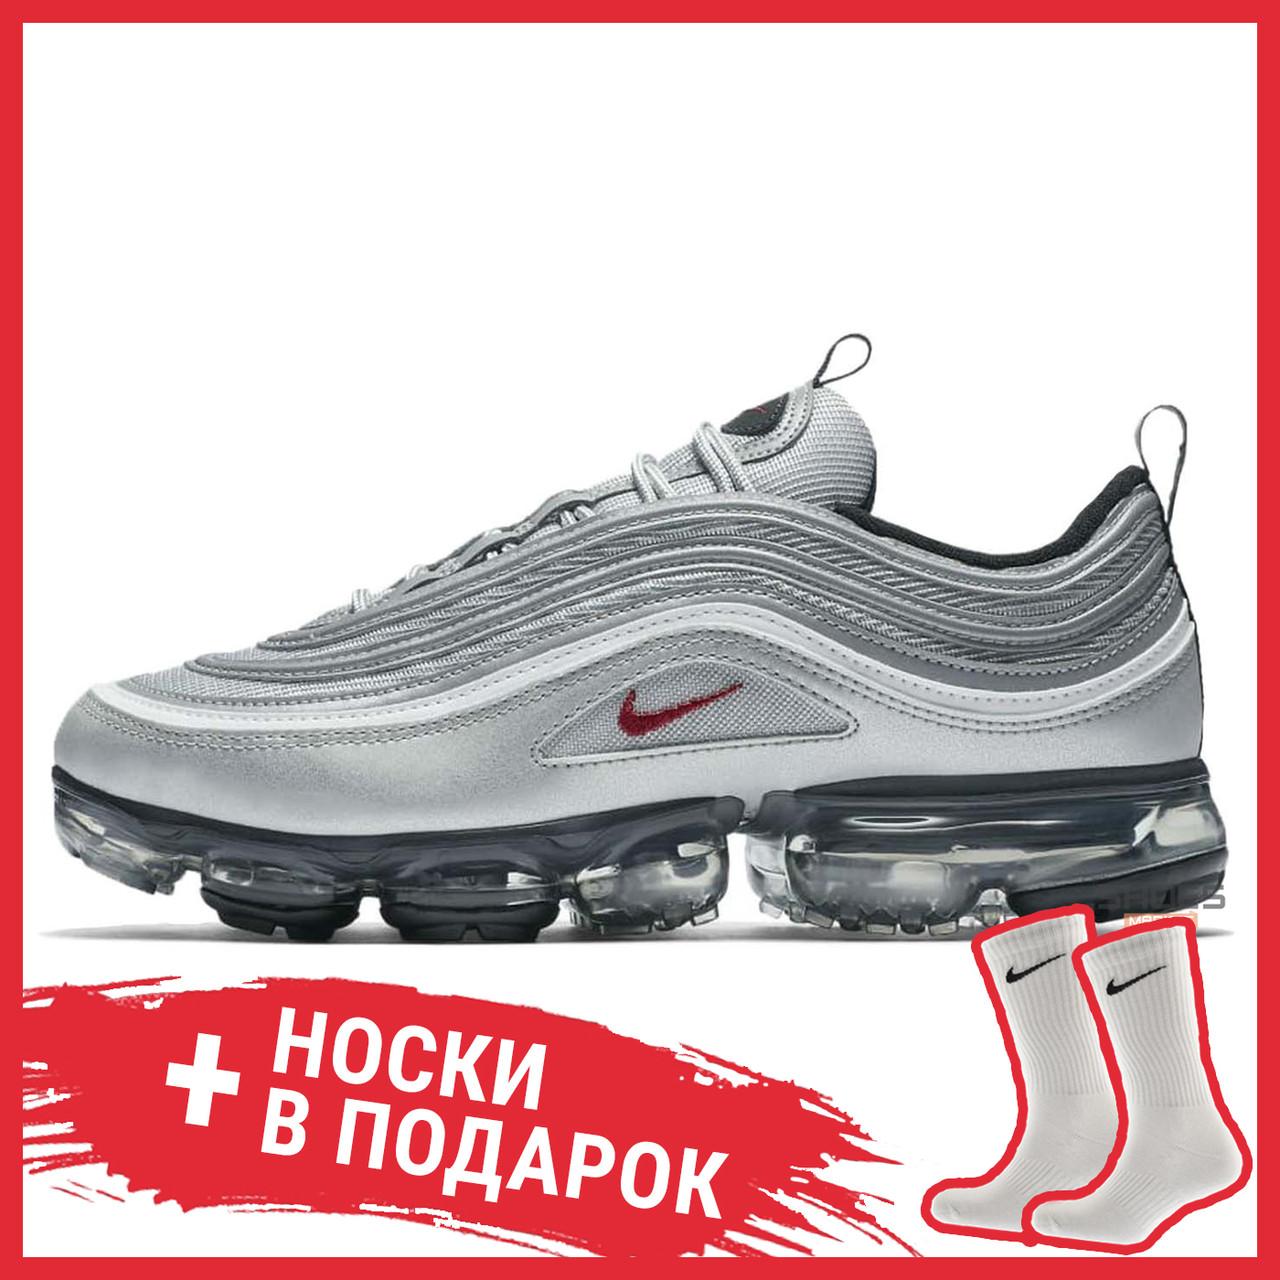 quality design 13eb1 13213 Мужские кроссовки Nike Air VaporMax 97 Silver Bullet AJ7291-002 купить в  интернет-магазине обуви Shoes Market - цена, отзывы, фото. Киев, Украина.